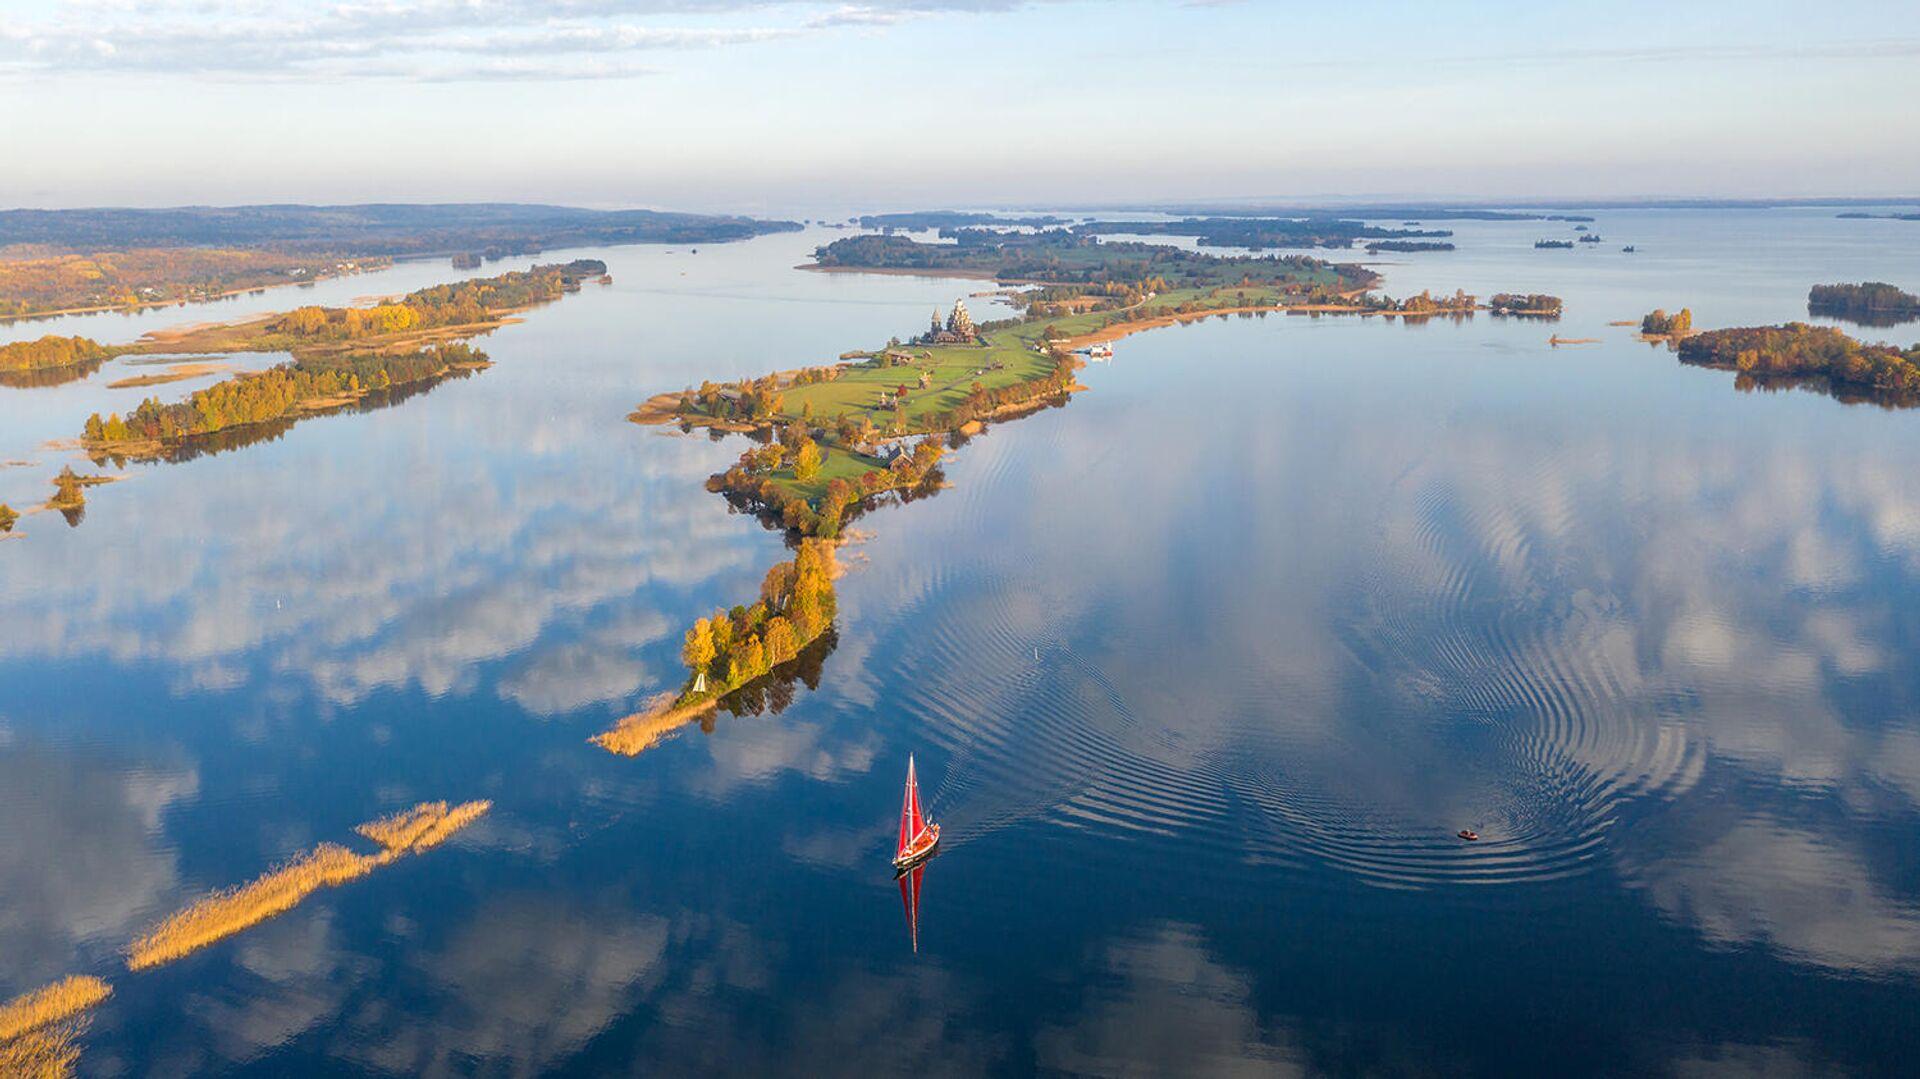 Вид на Онежское озеро - РИА Новости, 1920, 02.11.2020